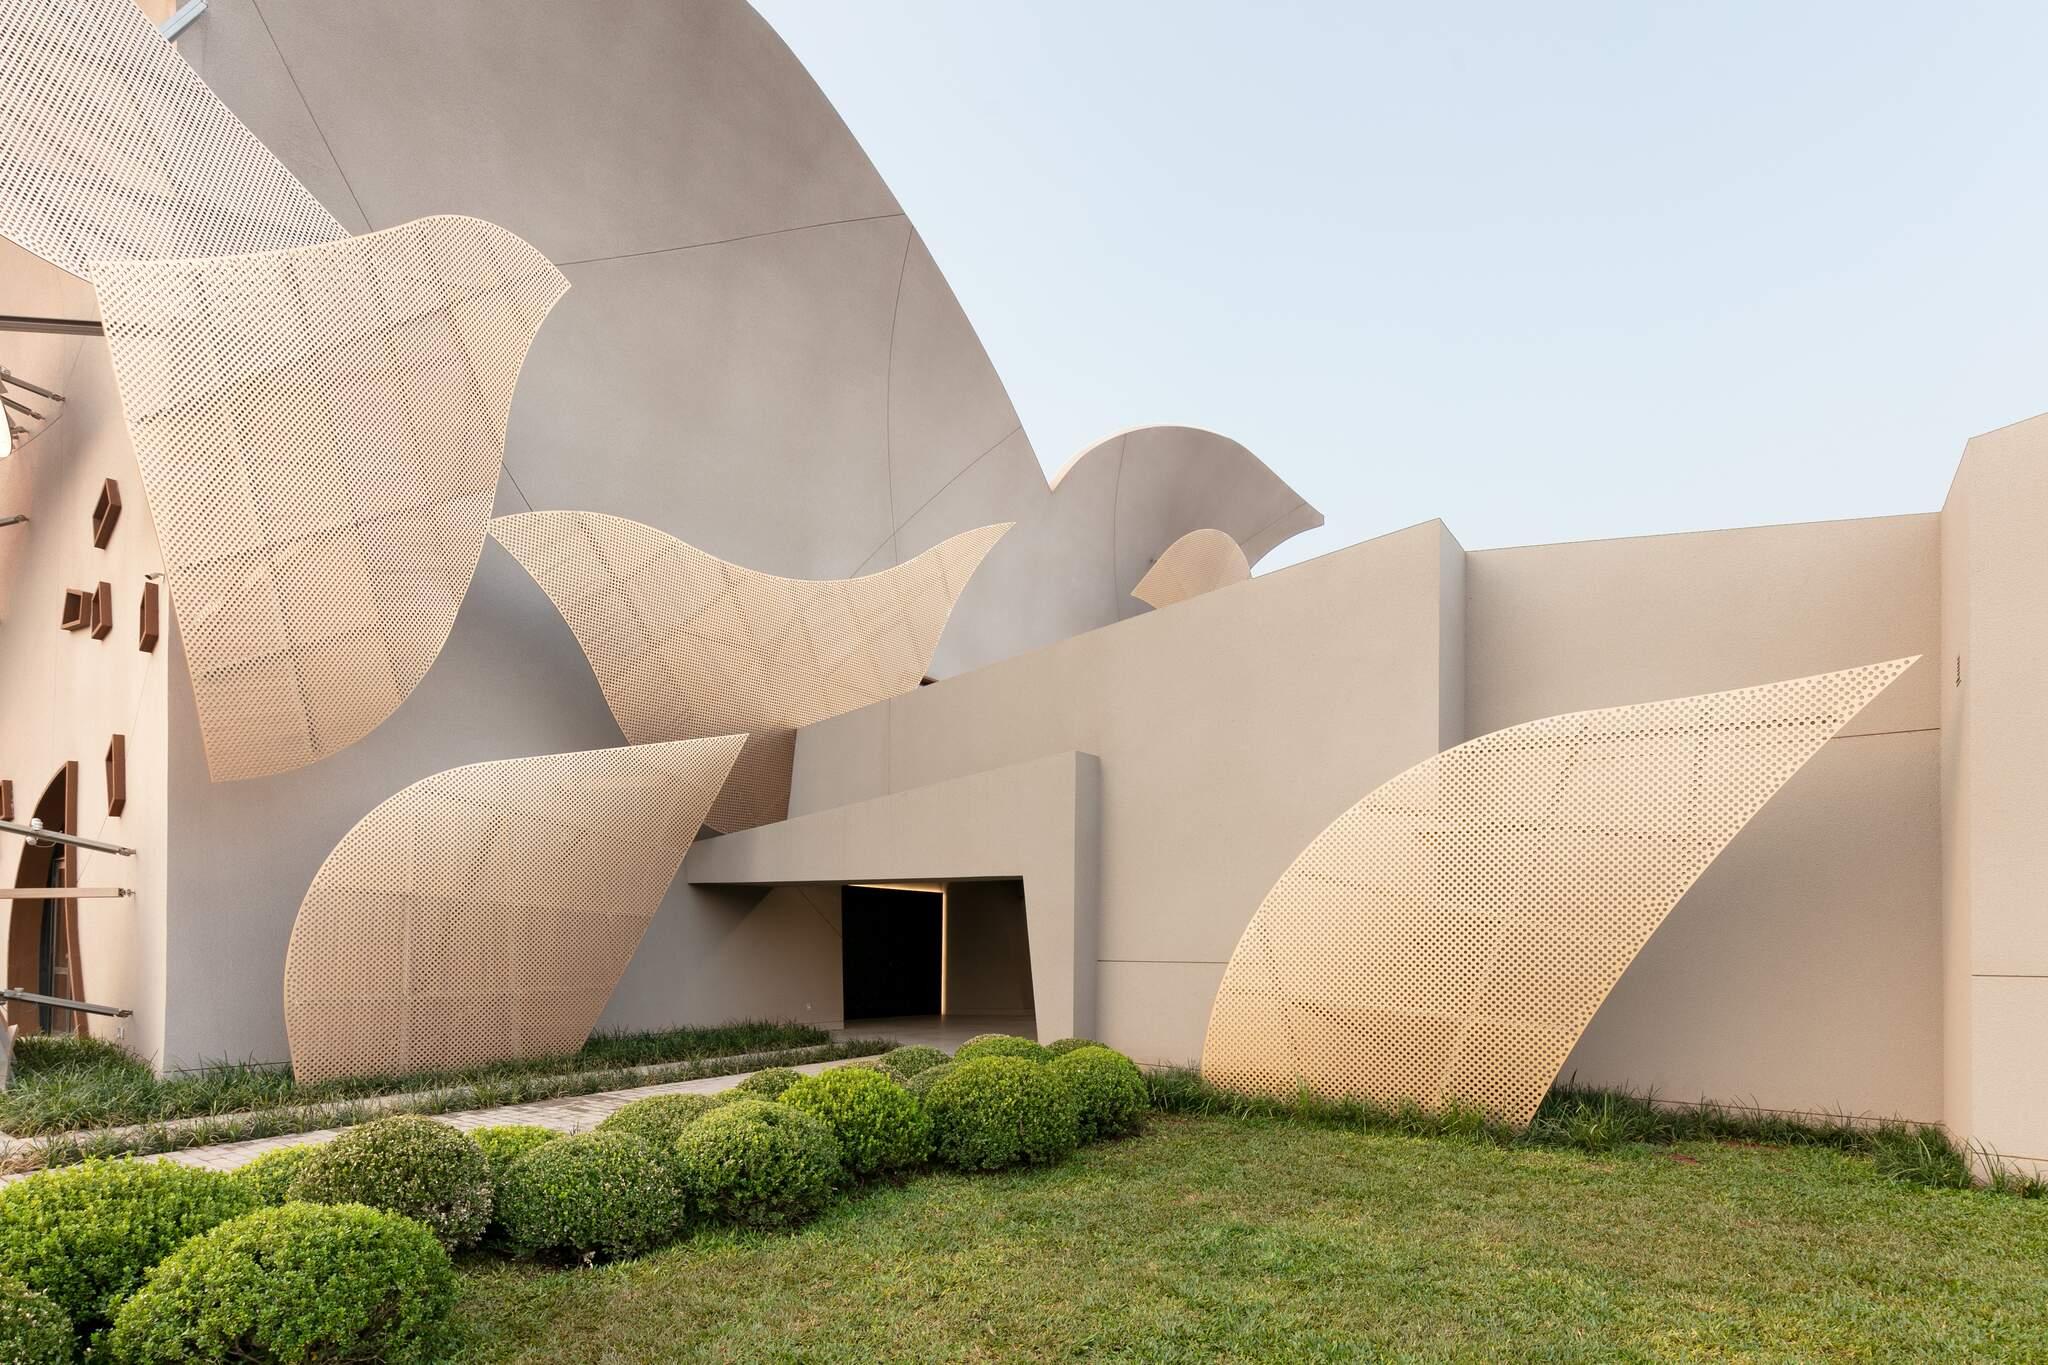 Projeto também é moderno da fachada aos procedimentos adotados no crematório. (Foto: Fellipe Lima)